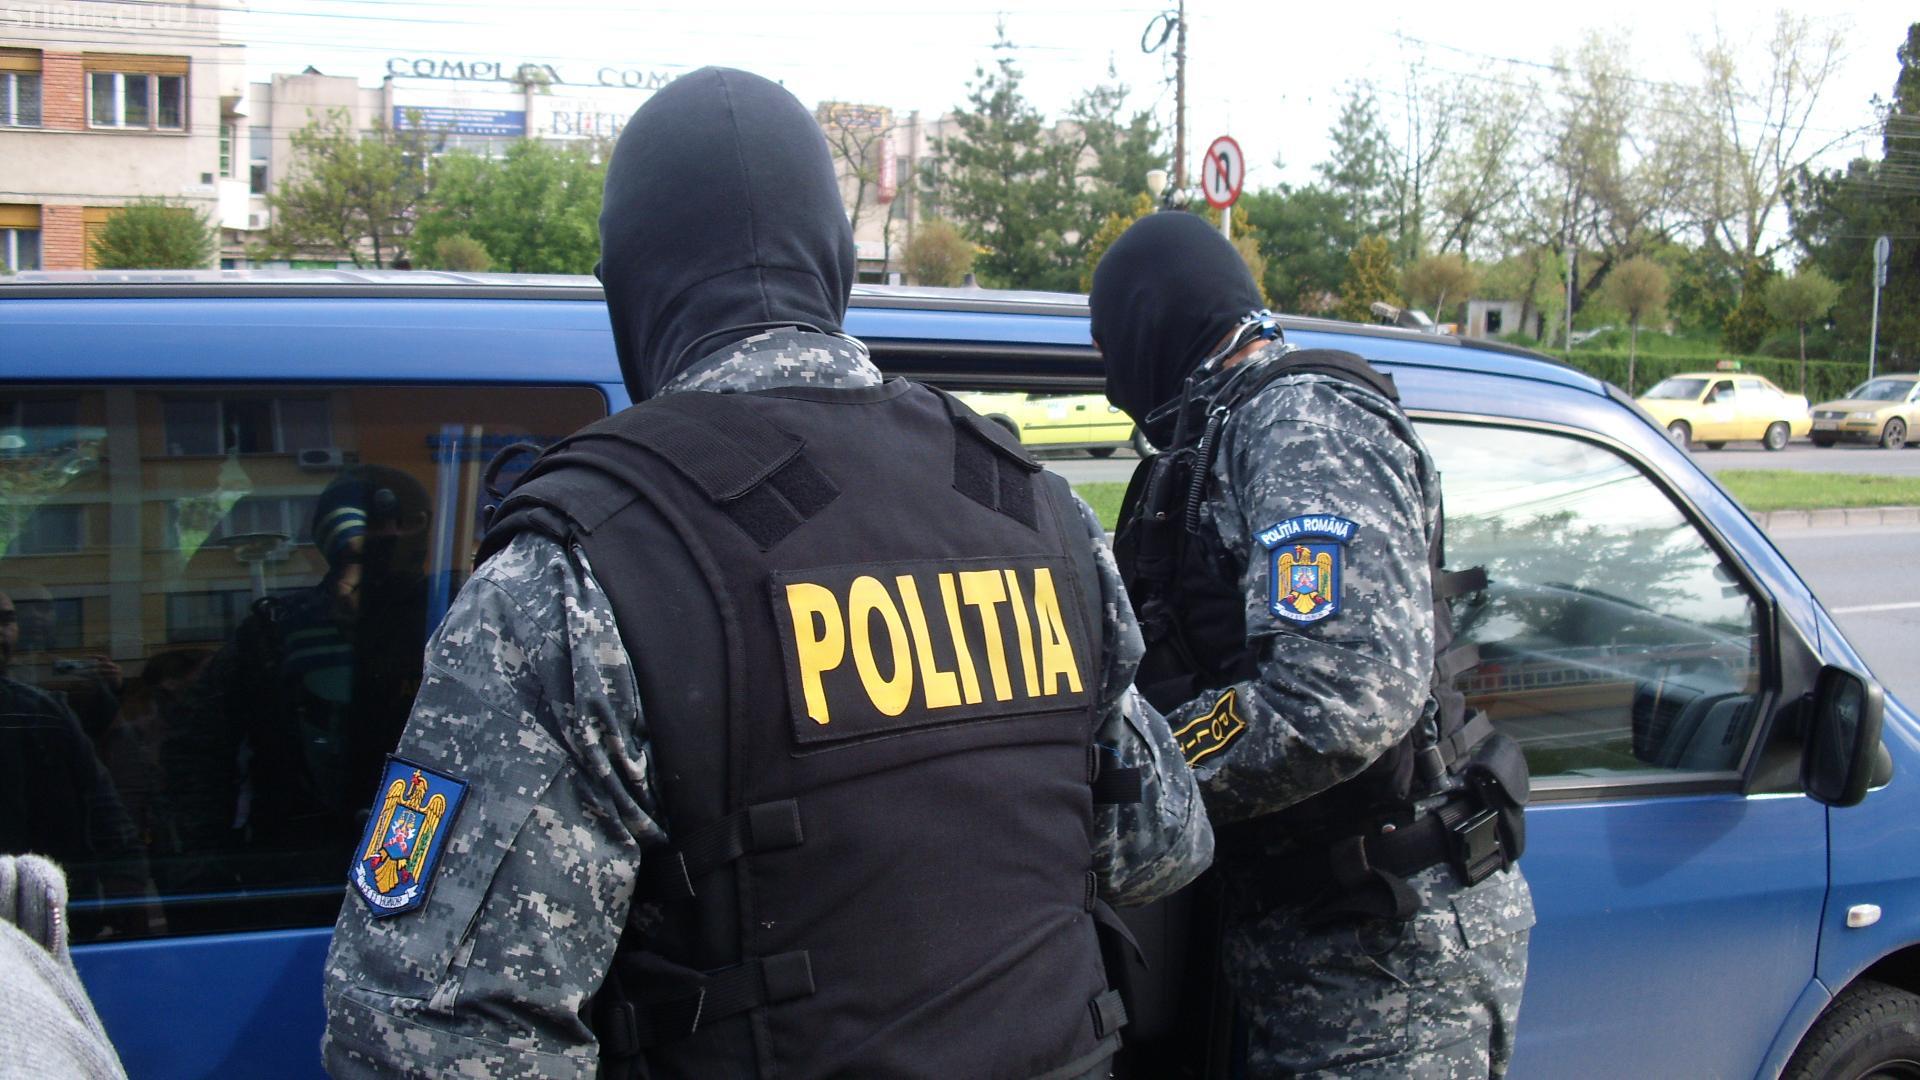 Percheziții la Cluj, la o firmă care încasa on-line amenzile de circulație și pentru lipsa rovinietei